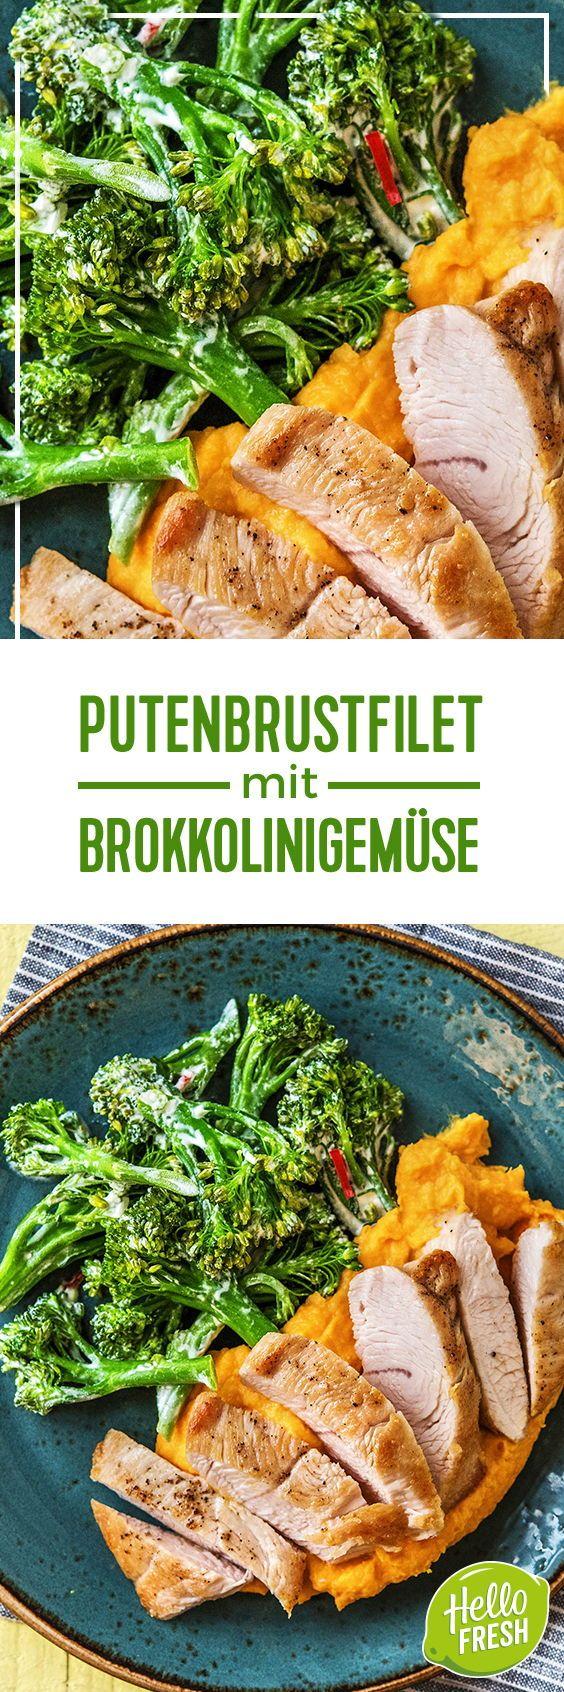 Step by Step Rezept: Putenbrustfilet mit Brokkolinigemüse und cremigem Kartoffel-Karotten-Püree  Kochen / Rezept / DIY / HelloFresh / Küche / Lecker / Gesund / Einfach / Kochbox / Ernährung / Zutaten / Lebensmittel / 30 Minuten / Pute / Putenbrust / Gemüse / Glutenfrei   #hellofreshde #blog #kochen #küche #gesund #lecker #rezept #diy #gesund #einfach #kochbox #ernährung #lebensmittel #zutaten #brokkolini #brokkoli #putenbrust #pute #filet #glutenfrei #püree #kartoffel